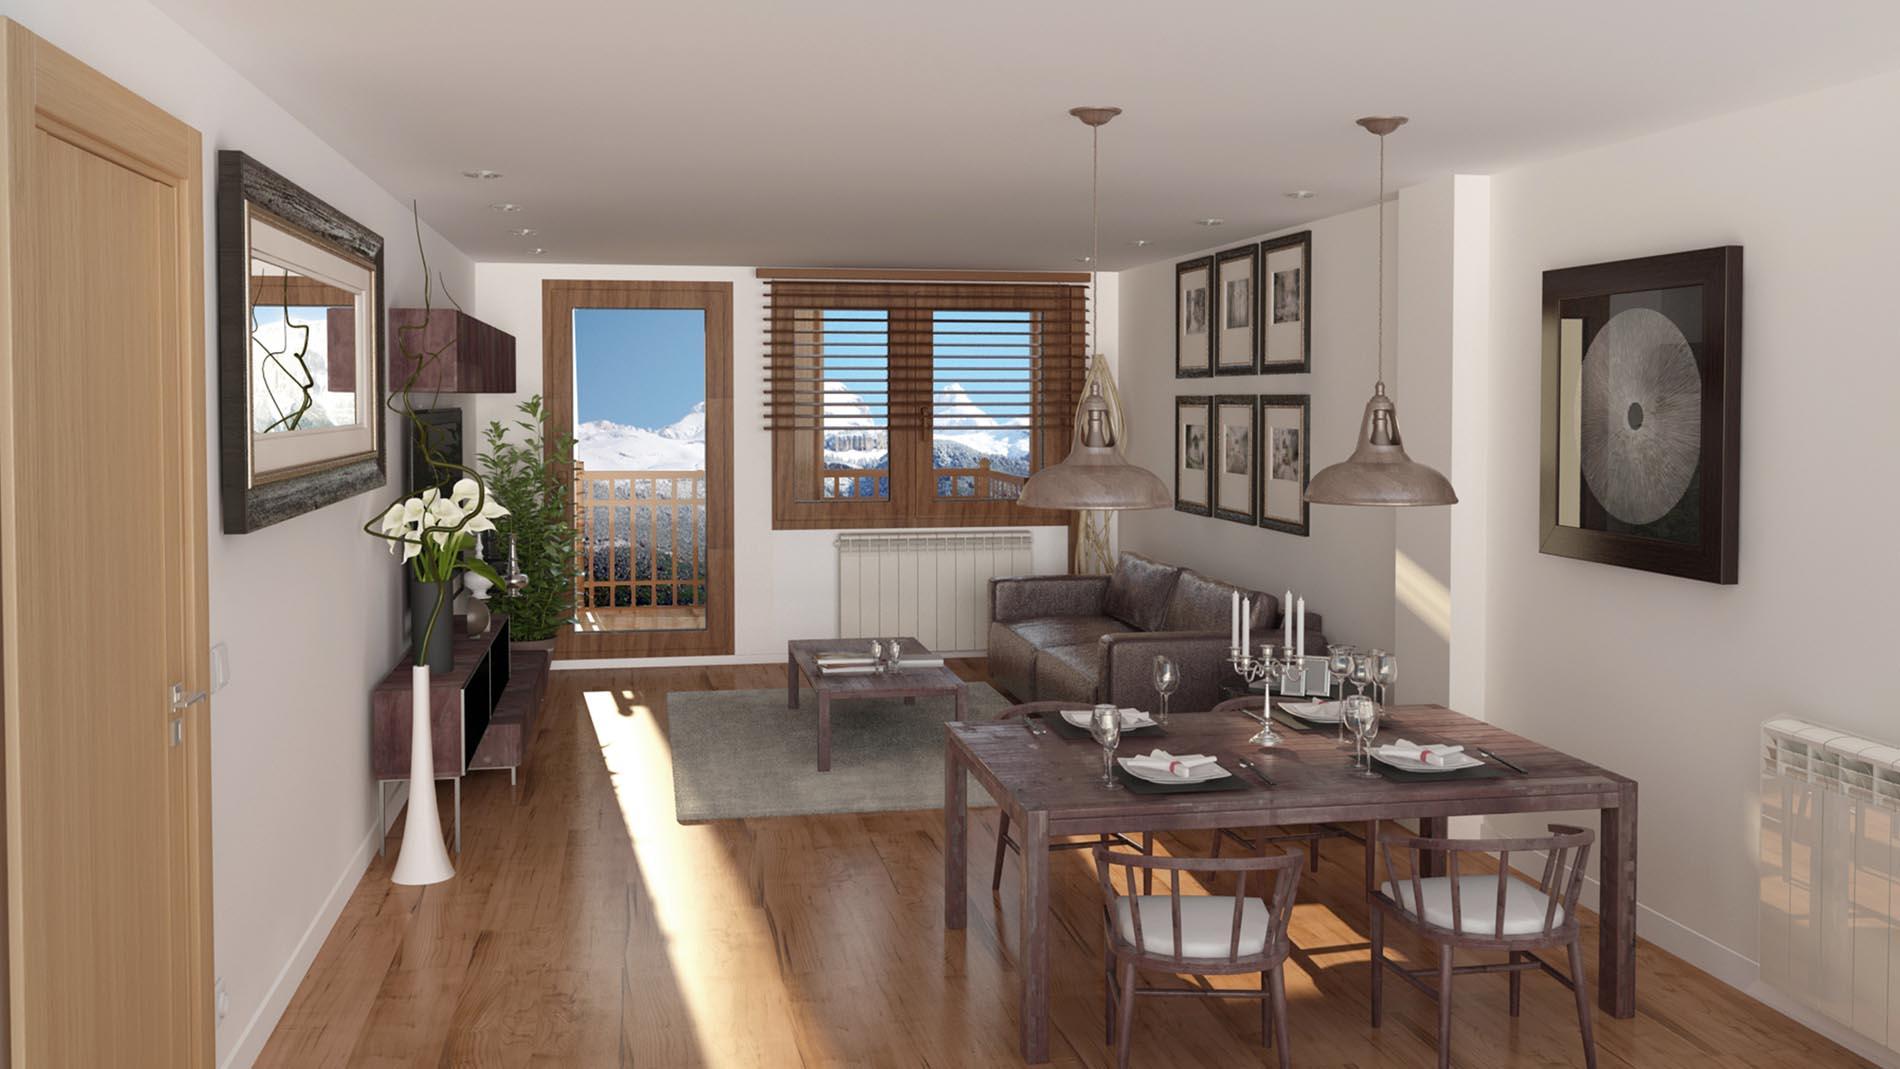 Slide - Venta de Apartamentos en el Pirineo - Interiores